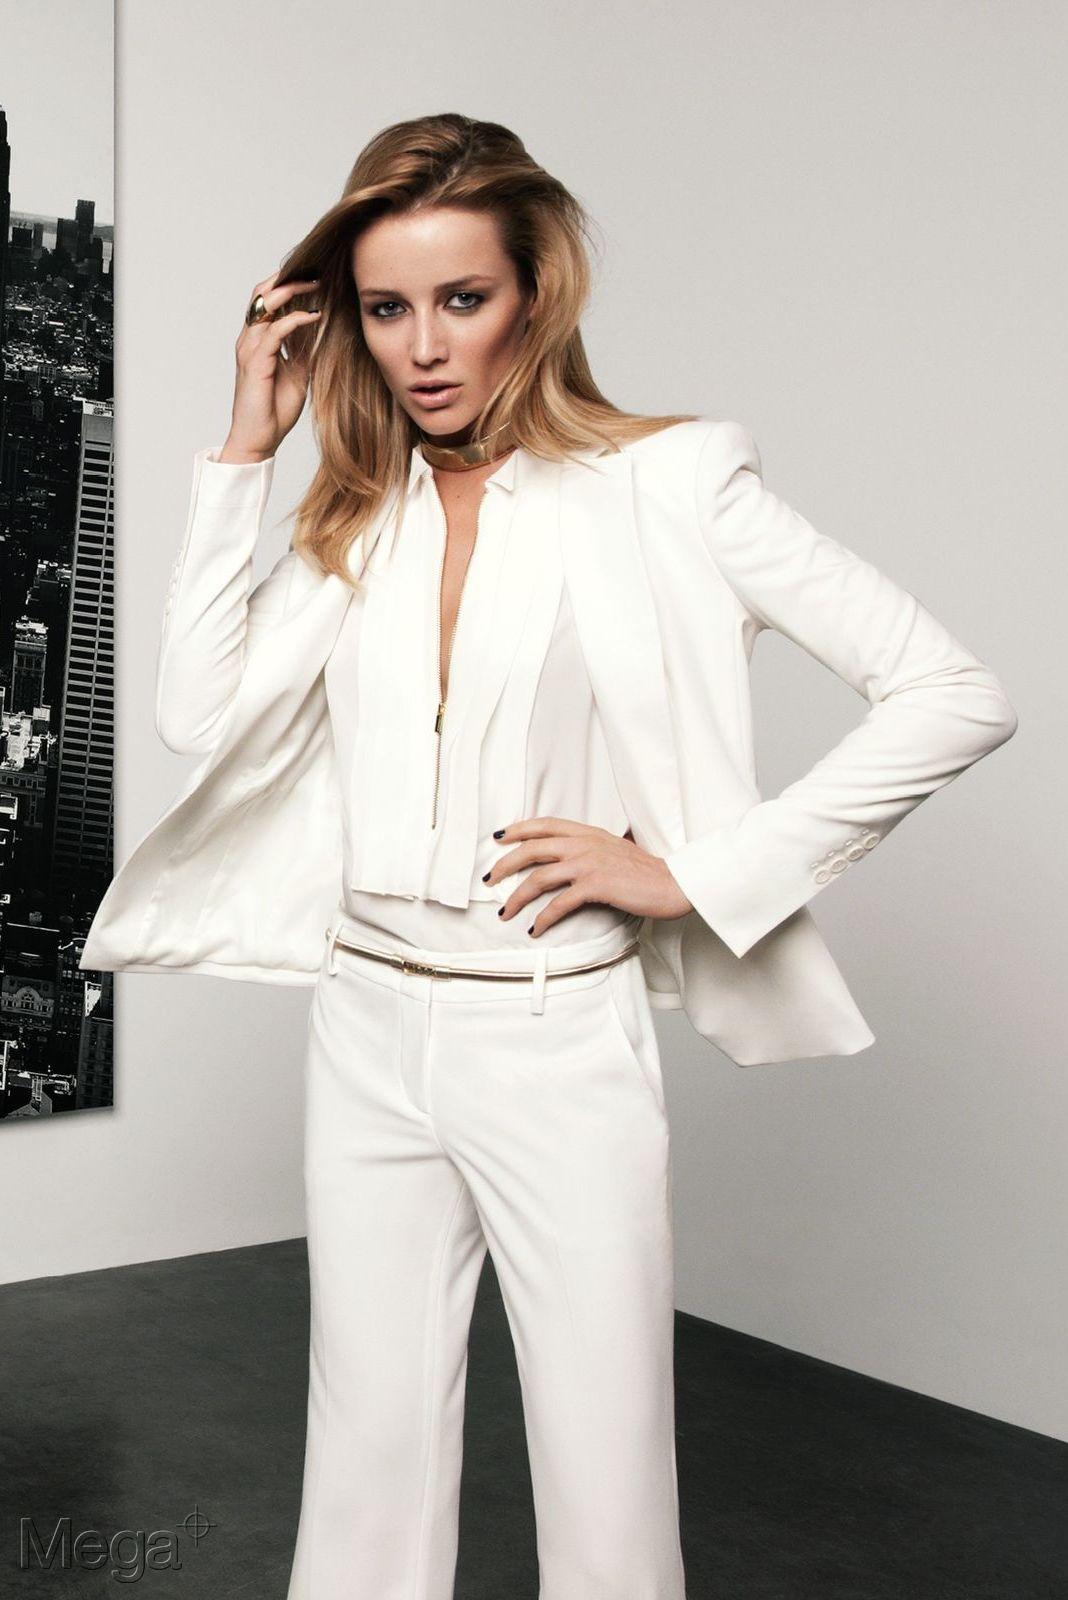 Sarah Dumont Mega Model Agency